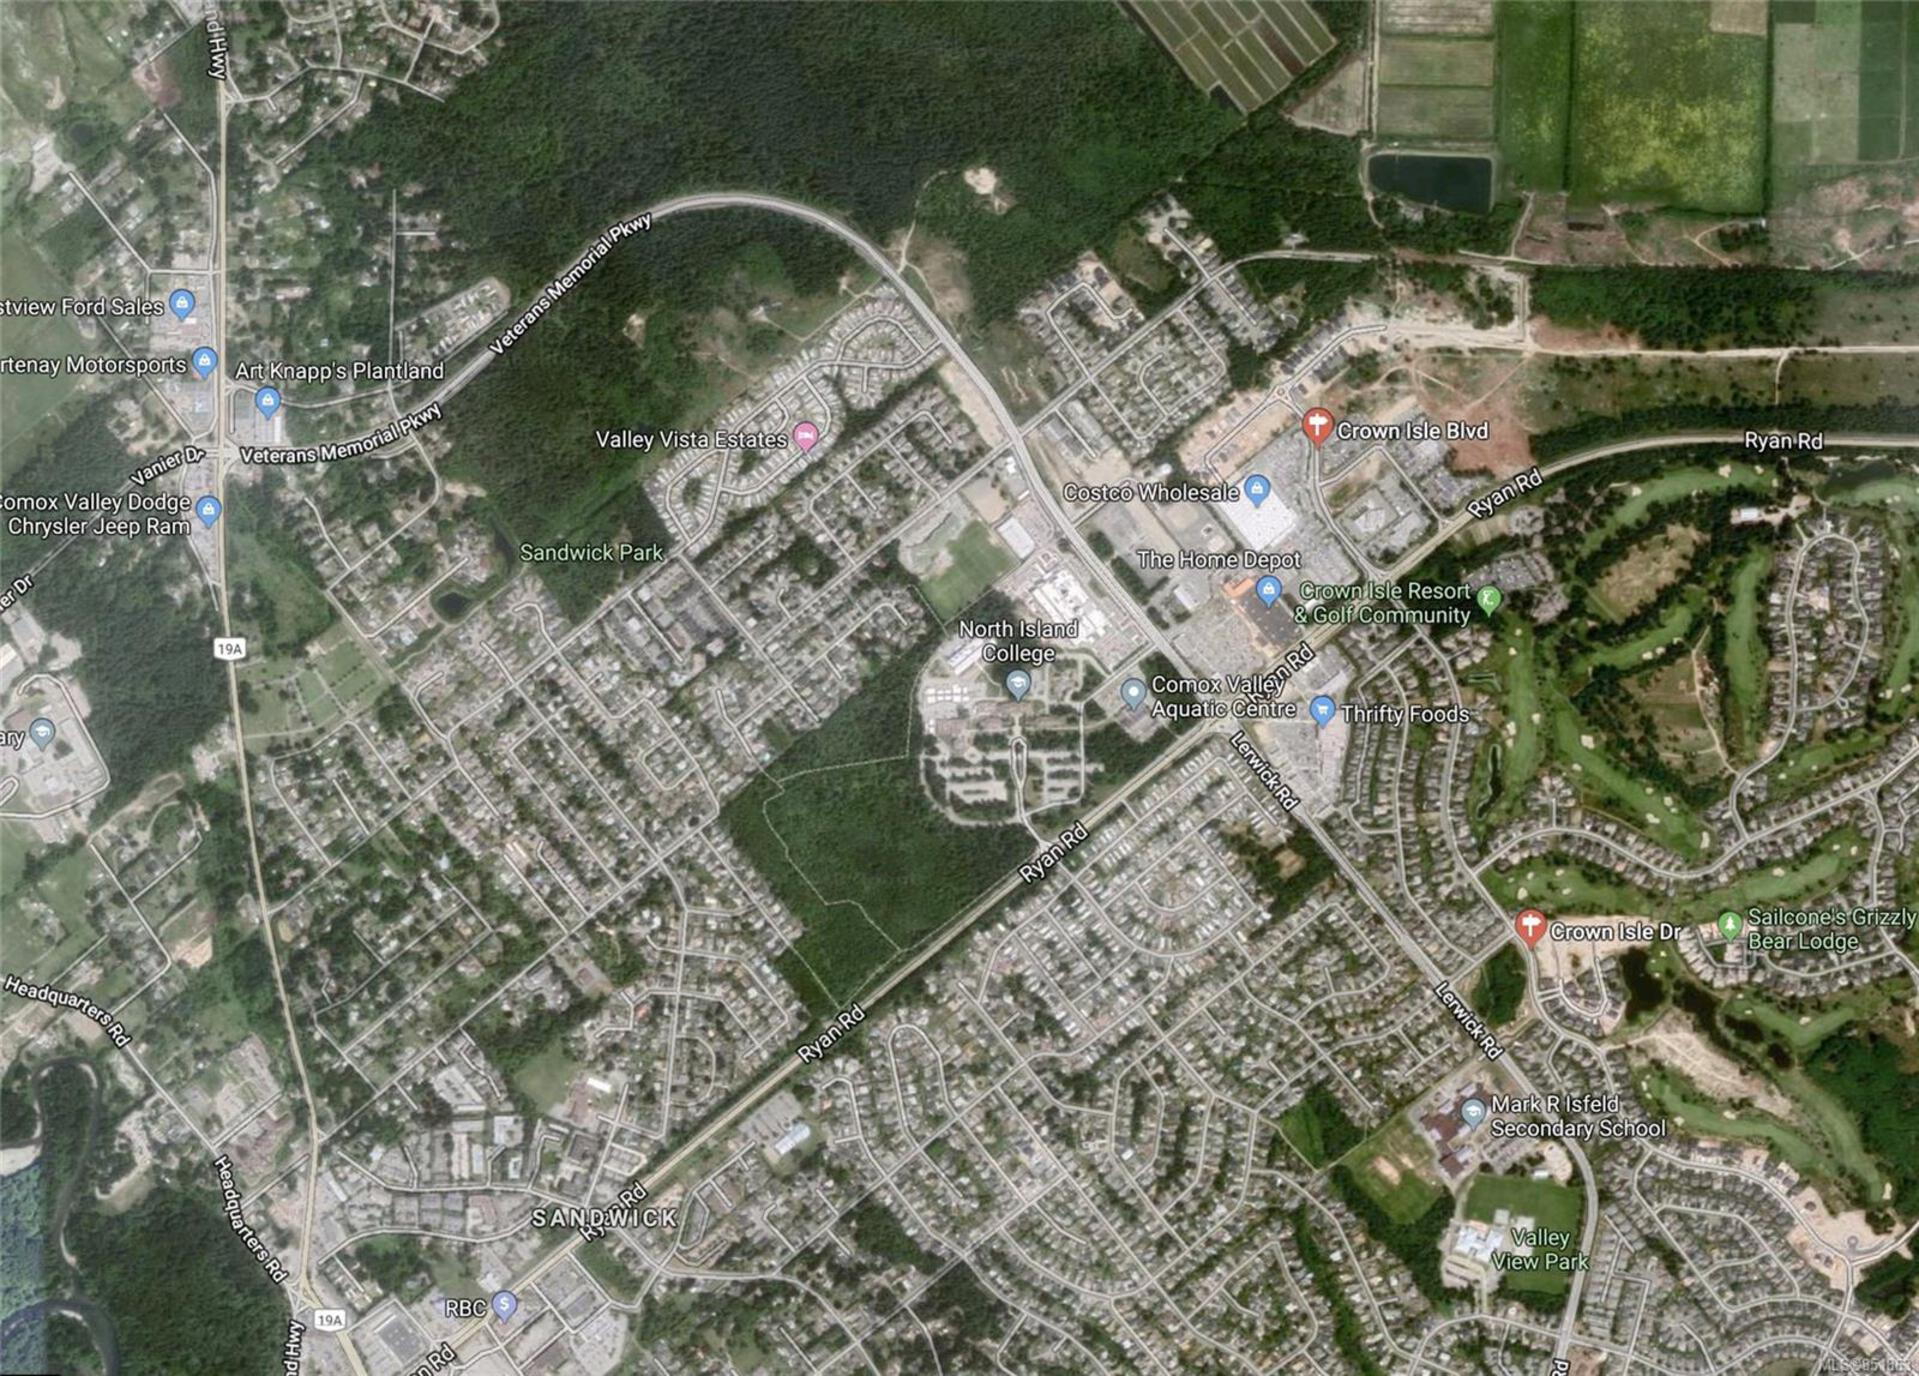 623-crown-isle-boulevard-crown-isle-comox-valley-11 at SL 4 - 623 Crown Isle Boulevard, Crown Isle, Comox Valley